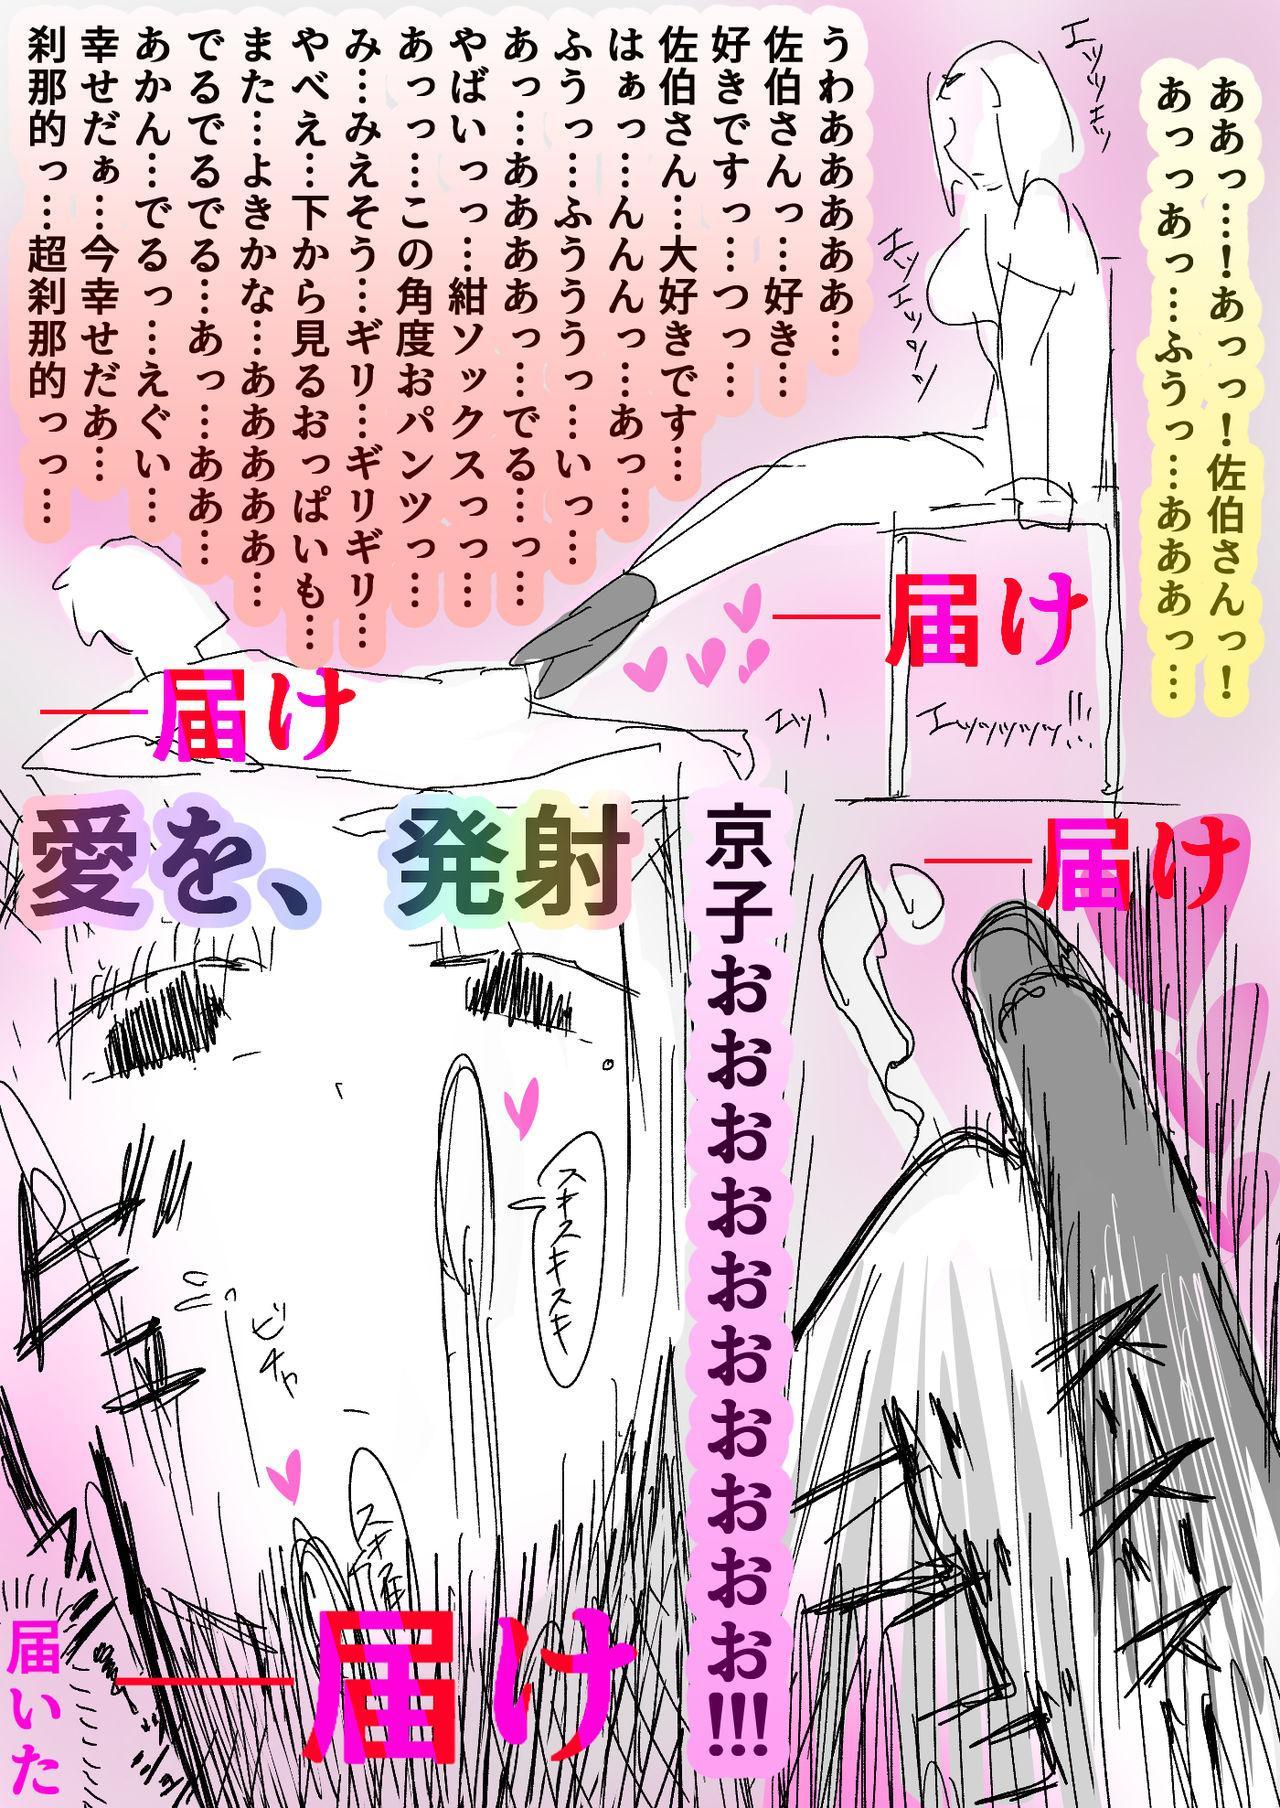 Saeki-san kansatsu nikki 10